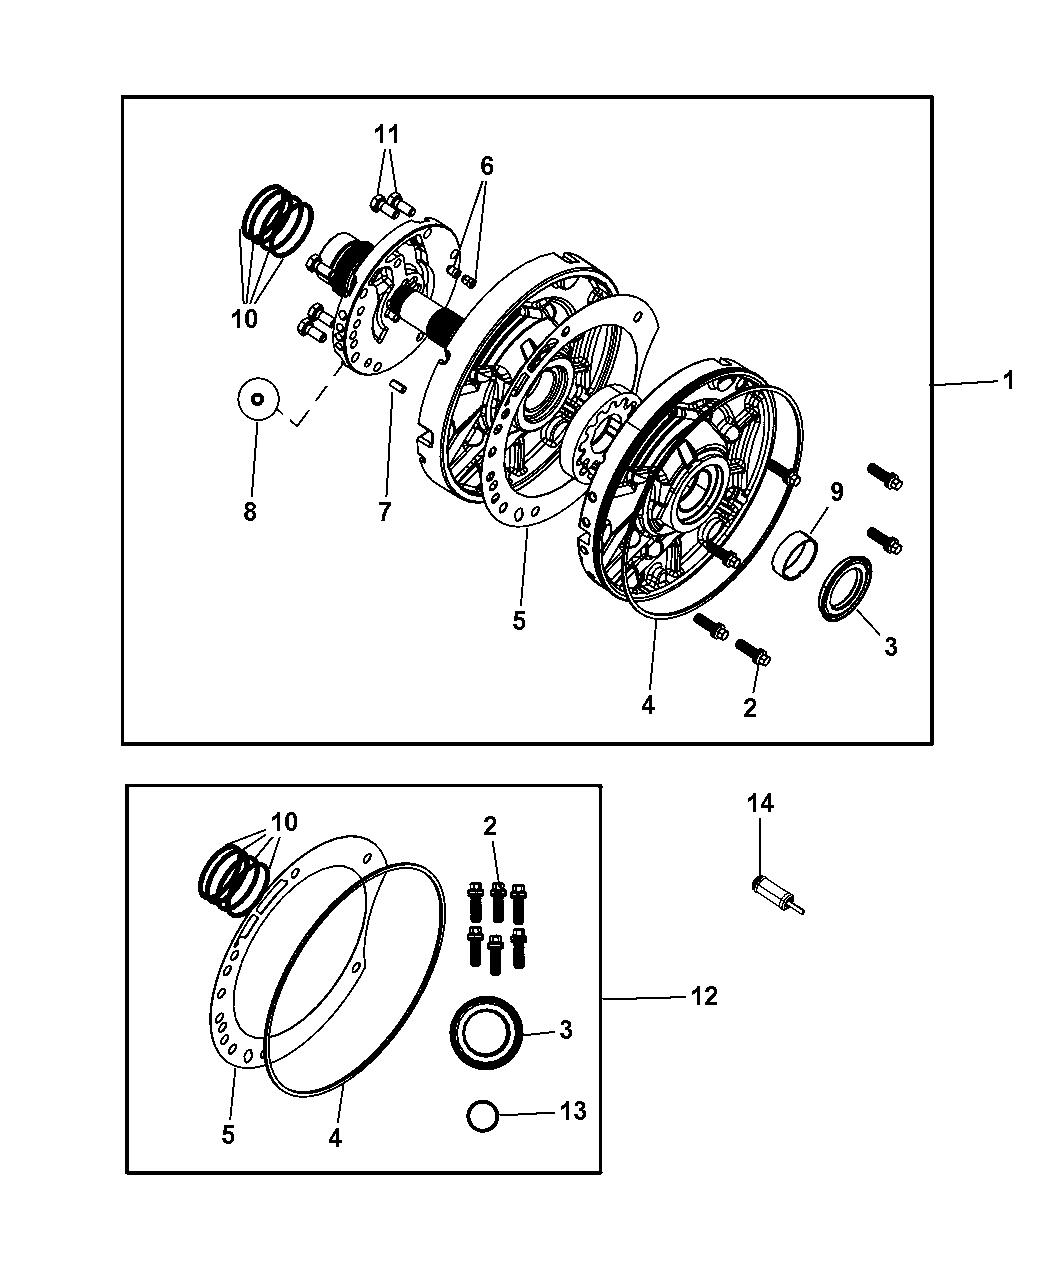 4883260AB - Genuine Mopar GASKET PKG-TRANSMISSION OIL PUMP